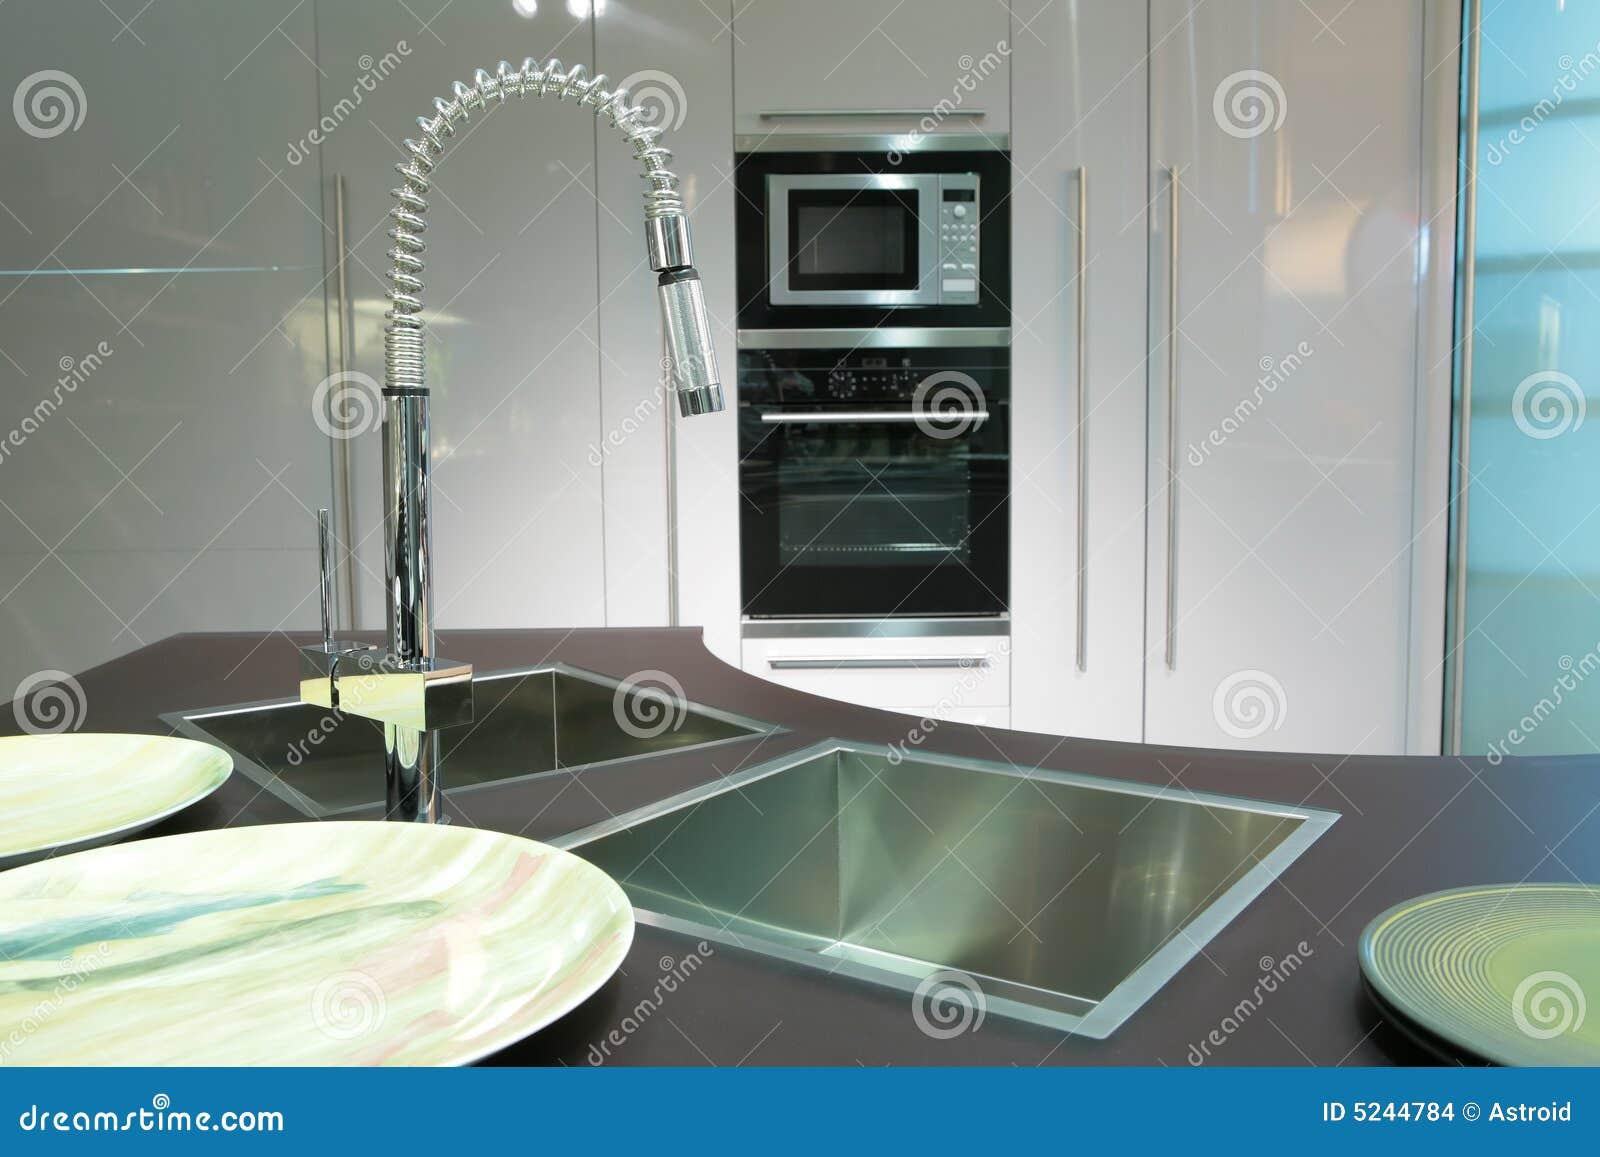 Nowoczesna Kuchnia Obrazy Stock  Obraz 5244784 -> Kuchnia Polska Obrazy